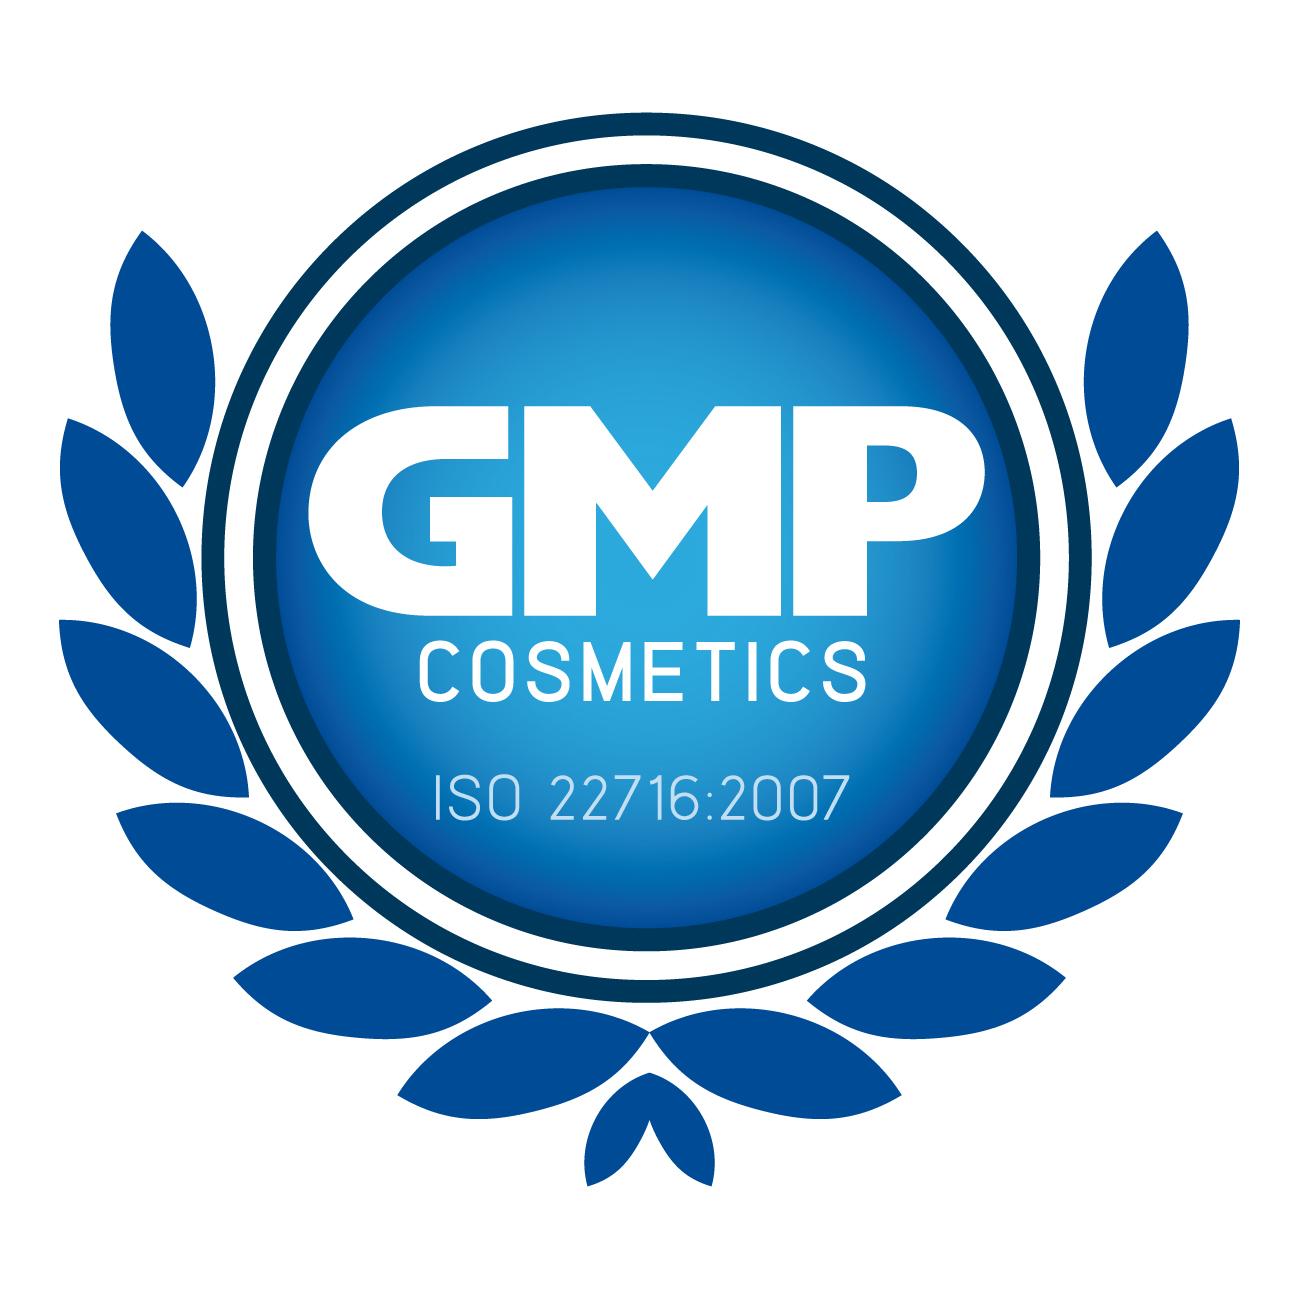 sello gmp ajedrea cosmetica